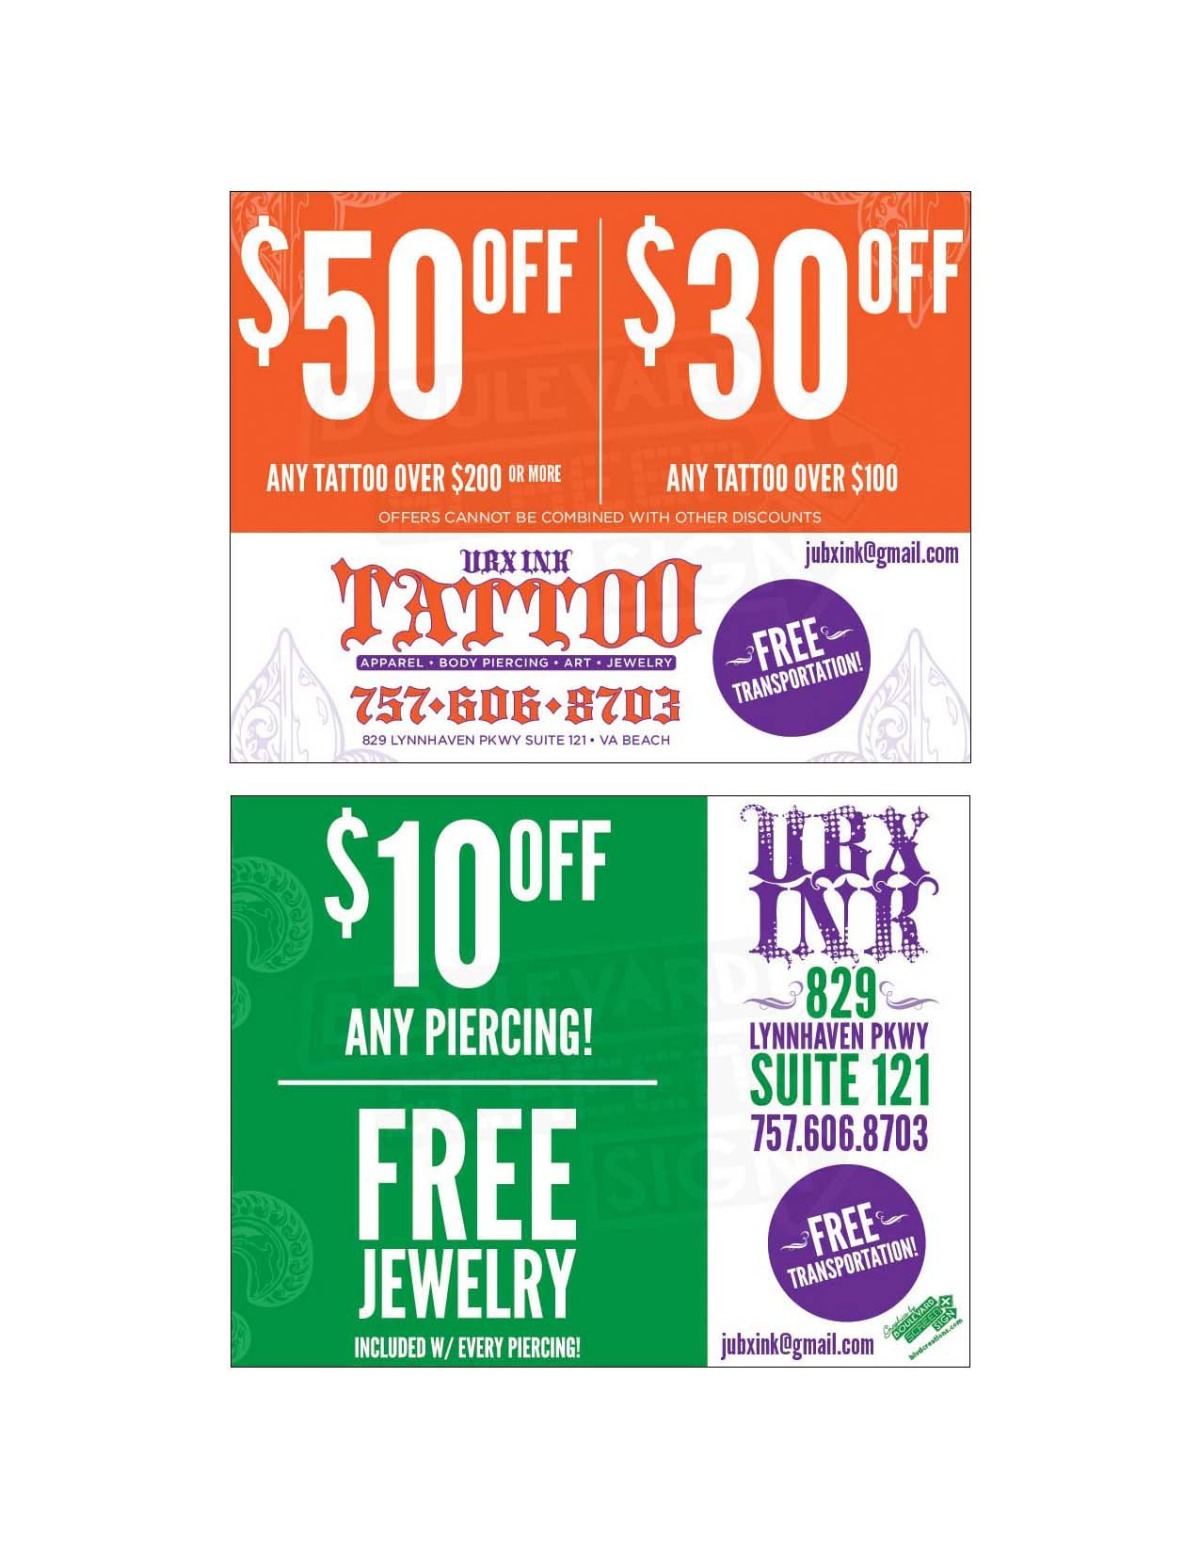 ubx_coupon_flyer_mockups.jpg